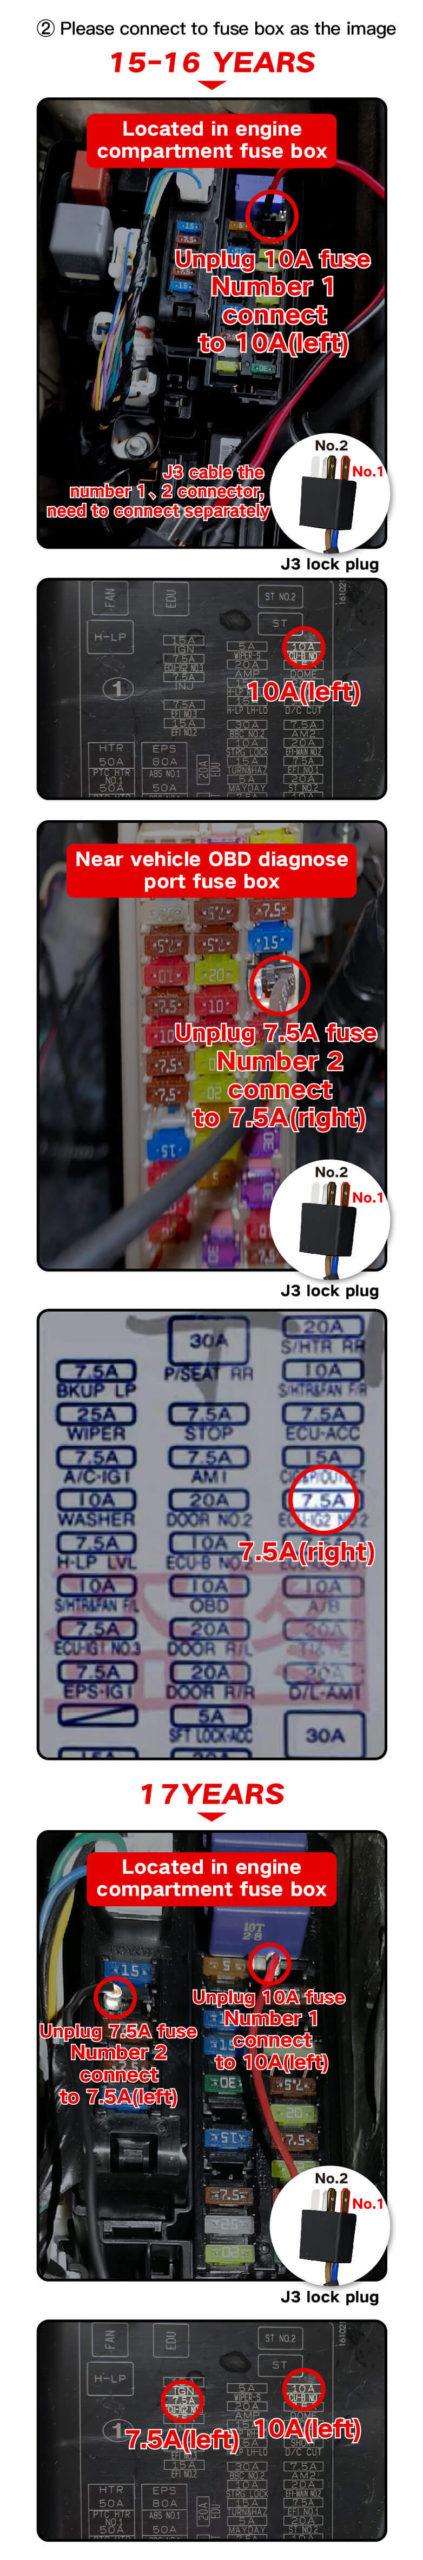 vvdi-program-toyota-camry-8a-all-keys-lost-03